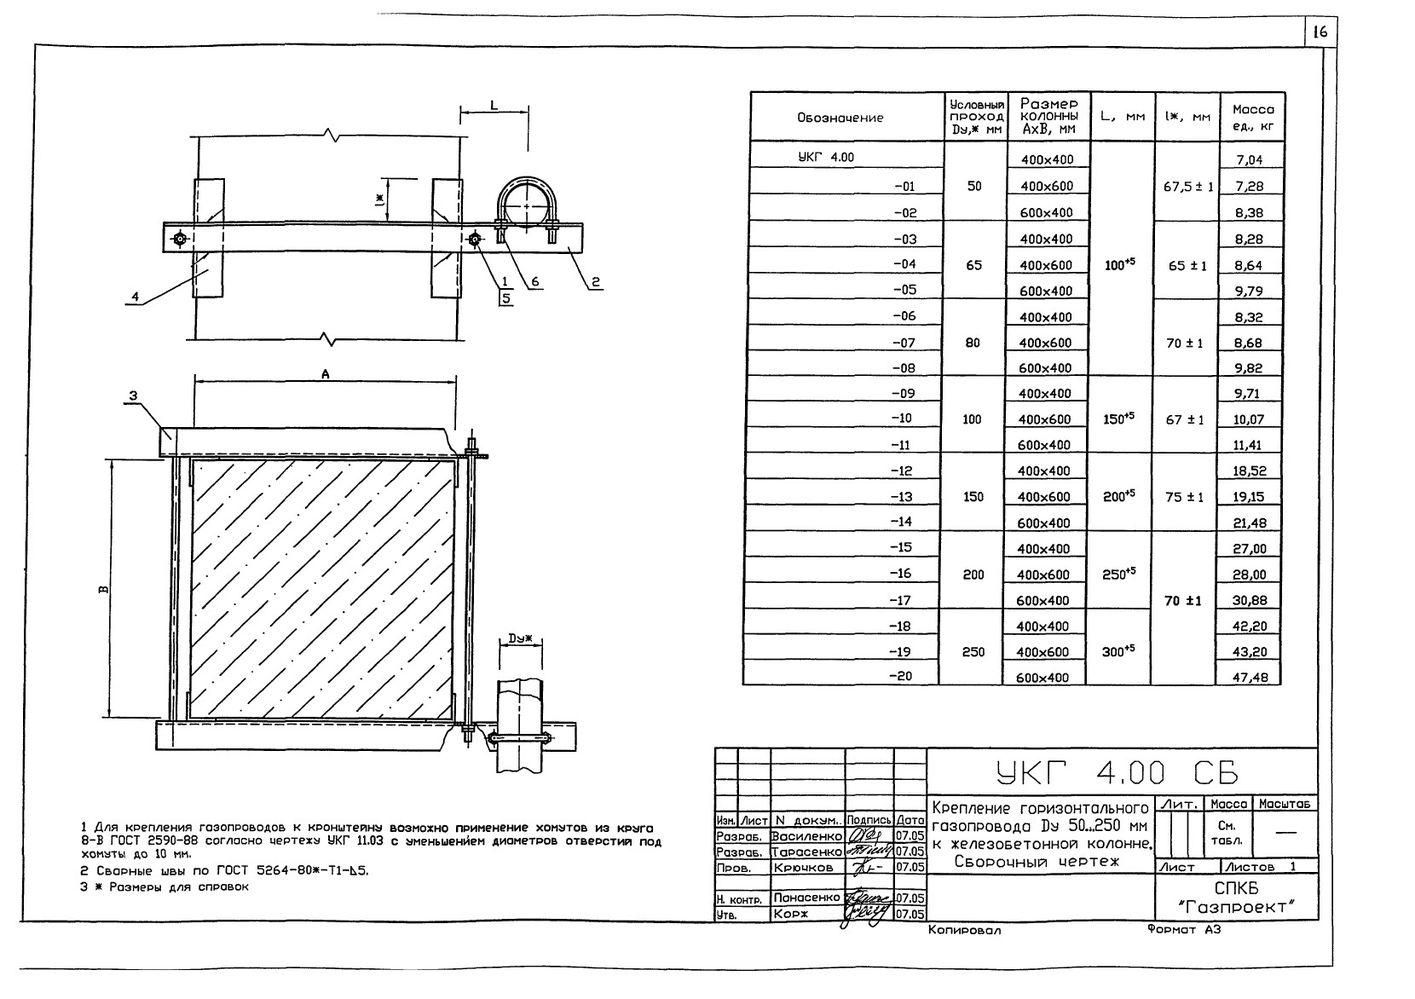 Крепление горизонтального газопровода Ду 50...250 мм к железобетонной колонне УКГ 4.00 СБ серия 5.905-18.05 выпуск 1 стр.1